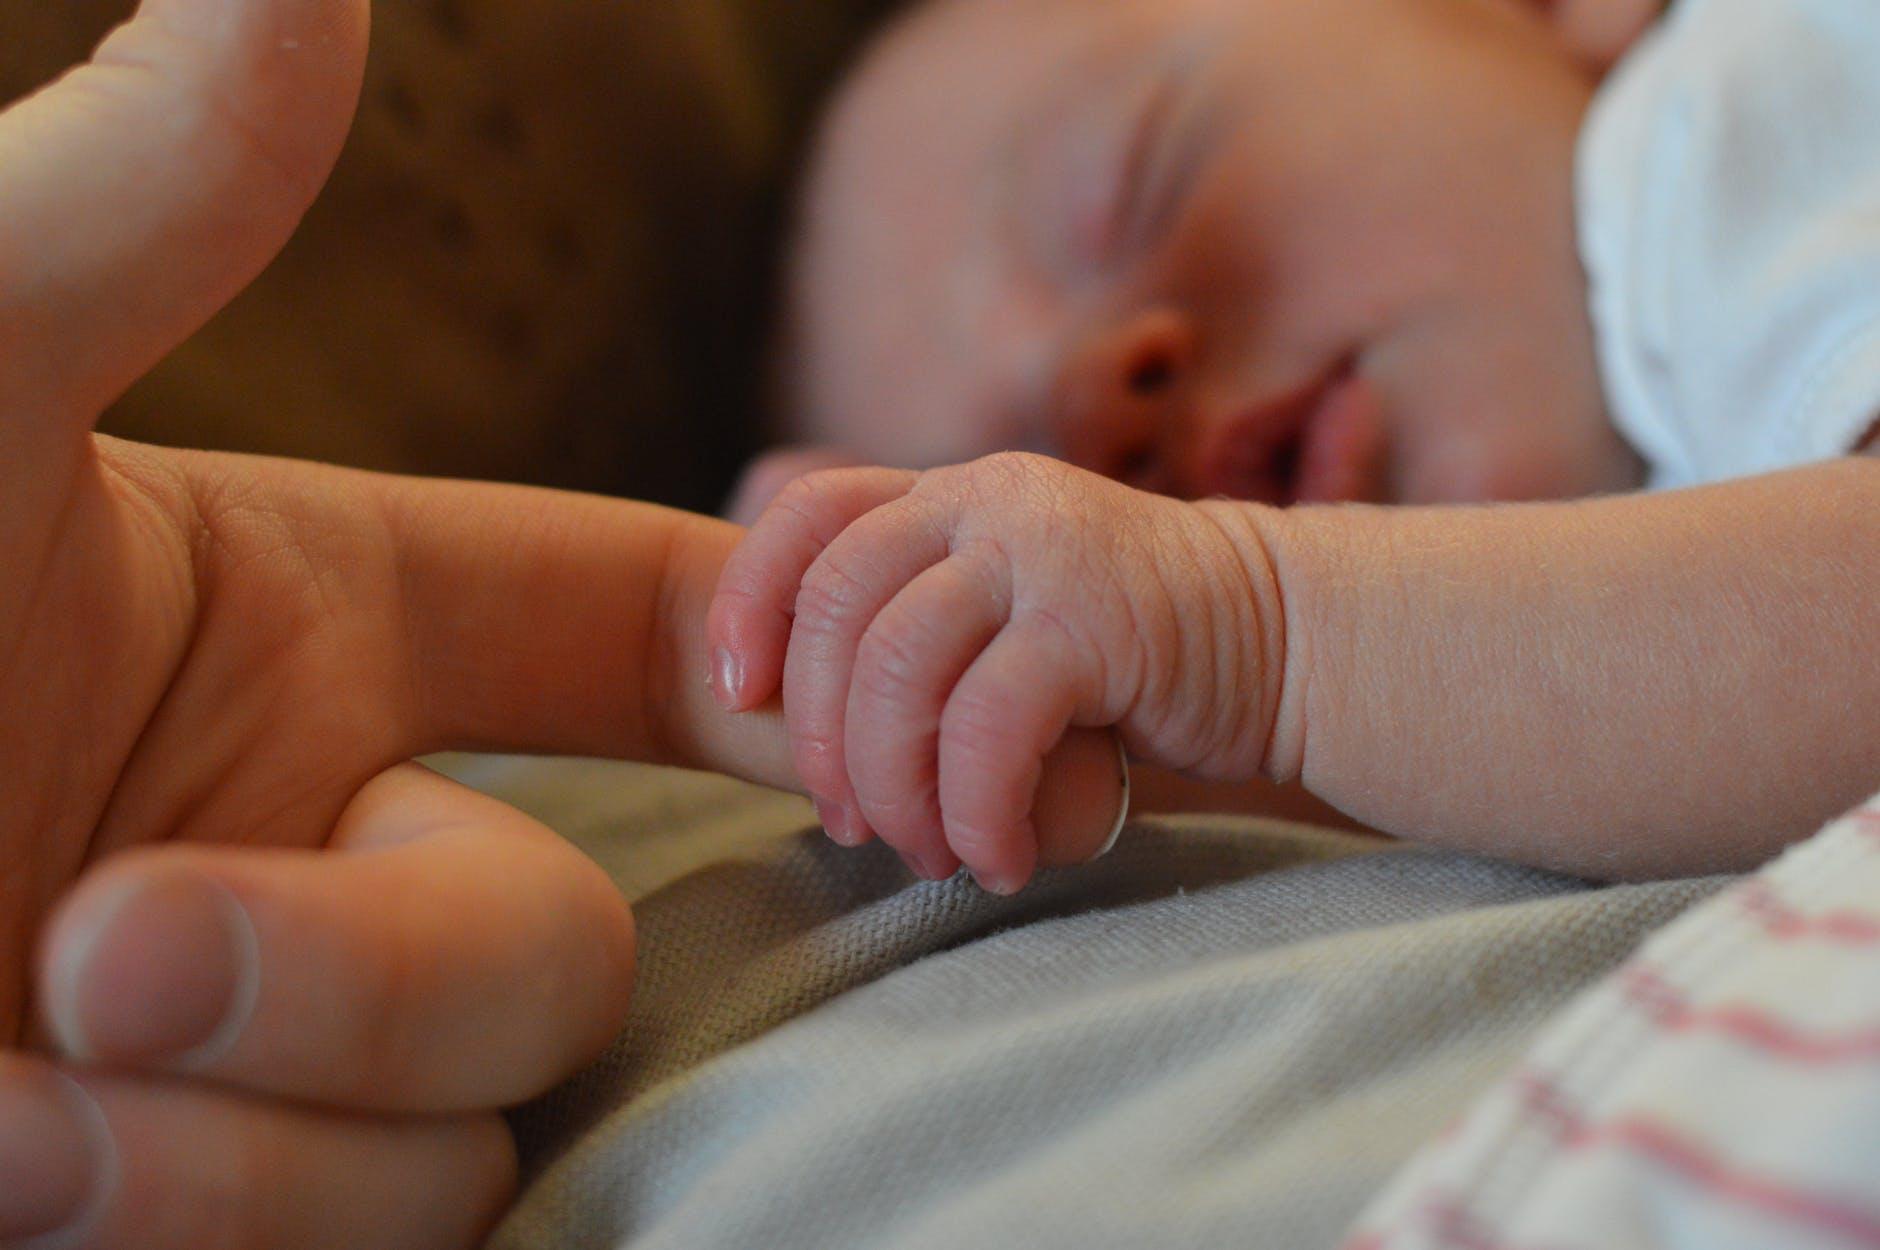 Допомога при народженні дитини за пару кліків — інструкція для майбутніх батьків